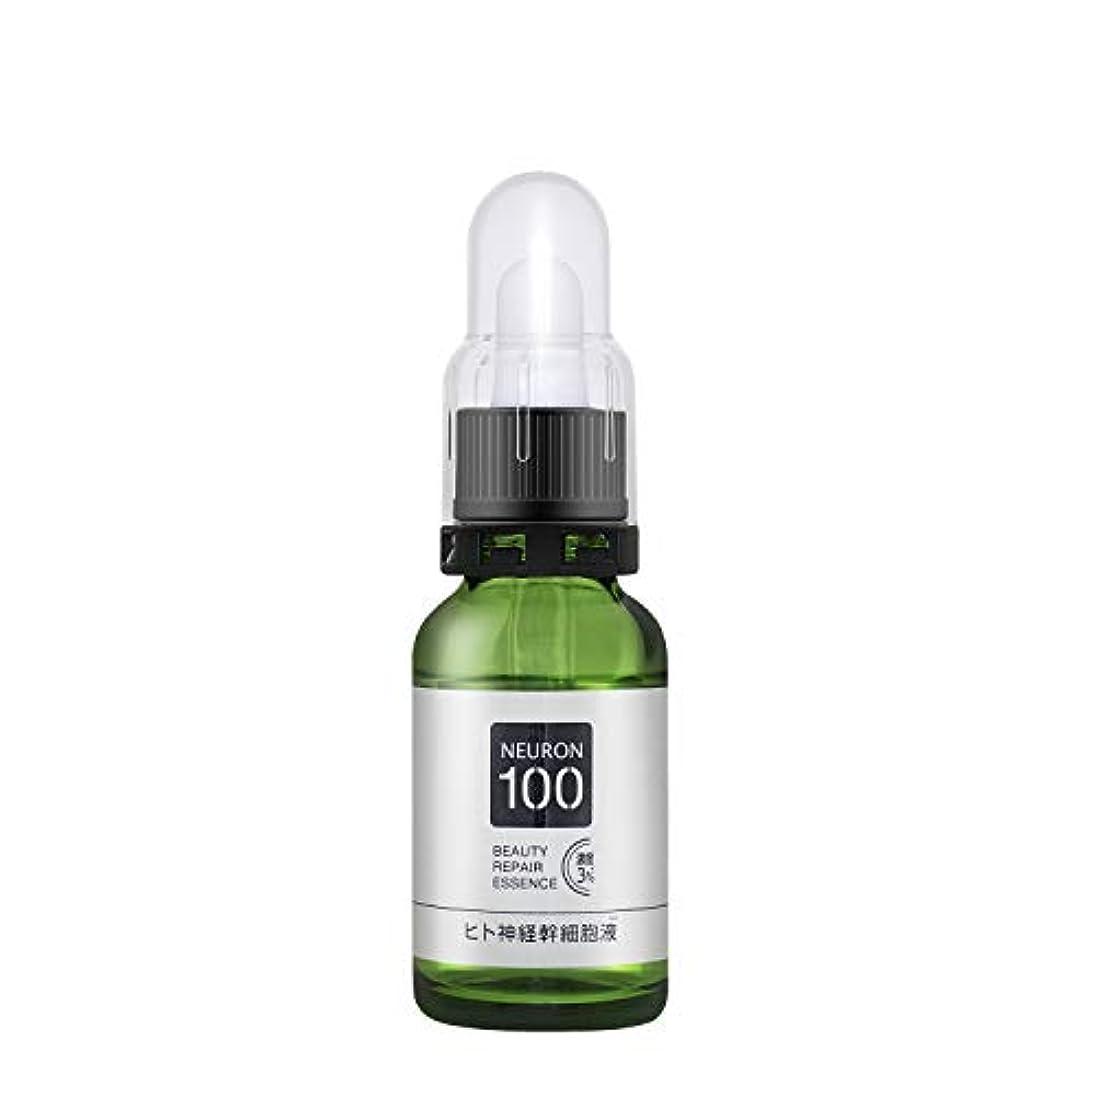 見通しレタッチ癒すエドニス ニューロン100 ヒト神経幹細胞ビューティーリペアエッセンス 濃度3% 美容液